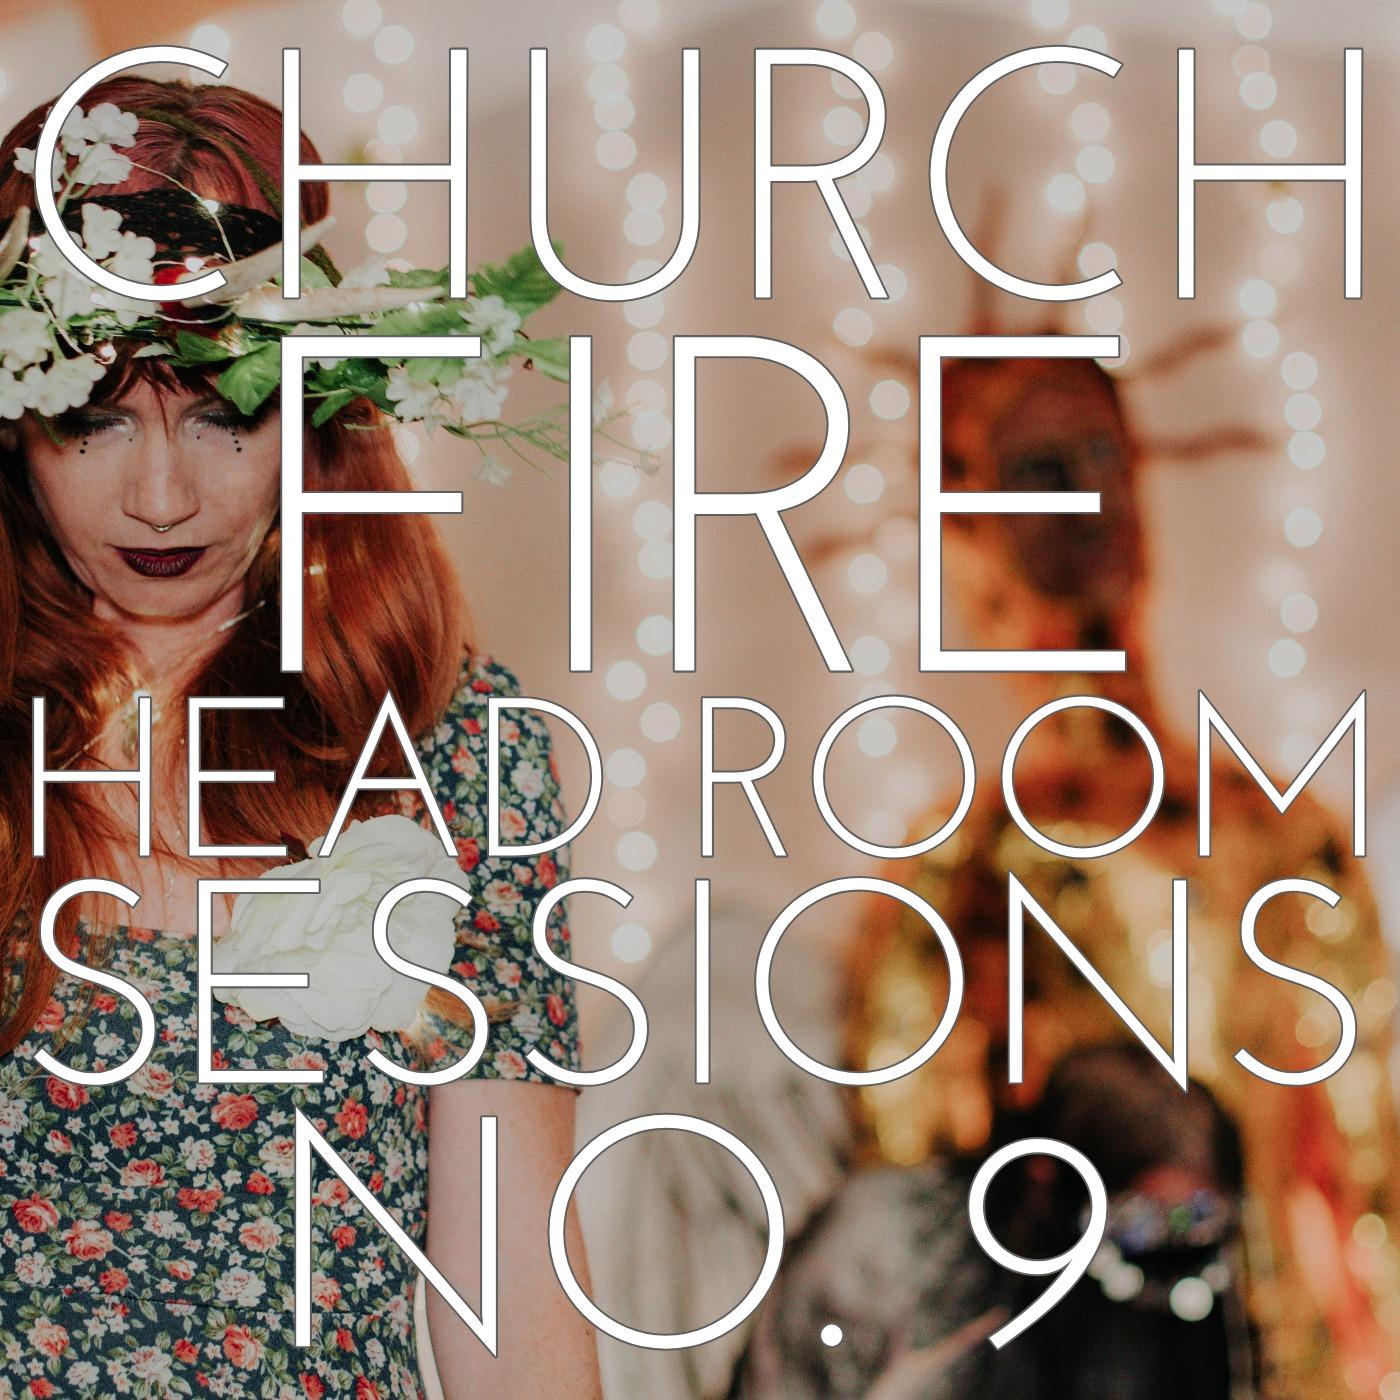 CHURCH FIRE BC ALBUM ART.jpeg